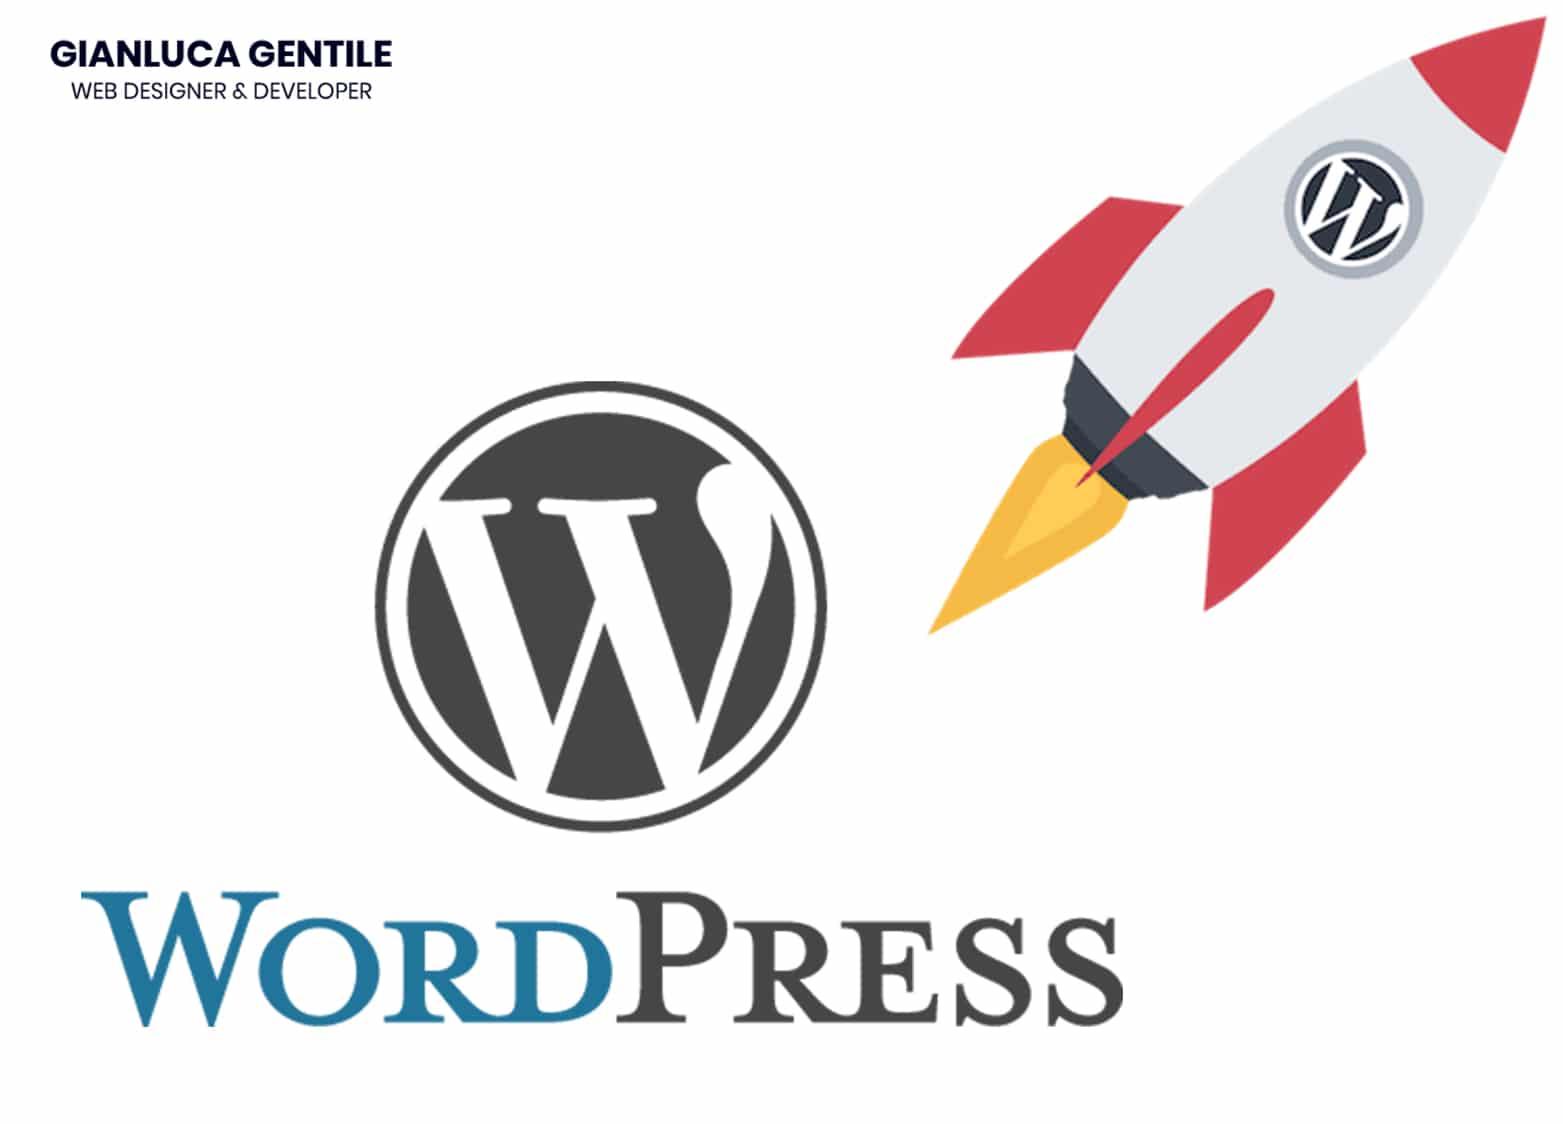 velocizzare wordpress - Come velocizzare Wordpress la guida completa - Come Velocizzare Wordpress